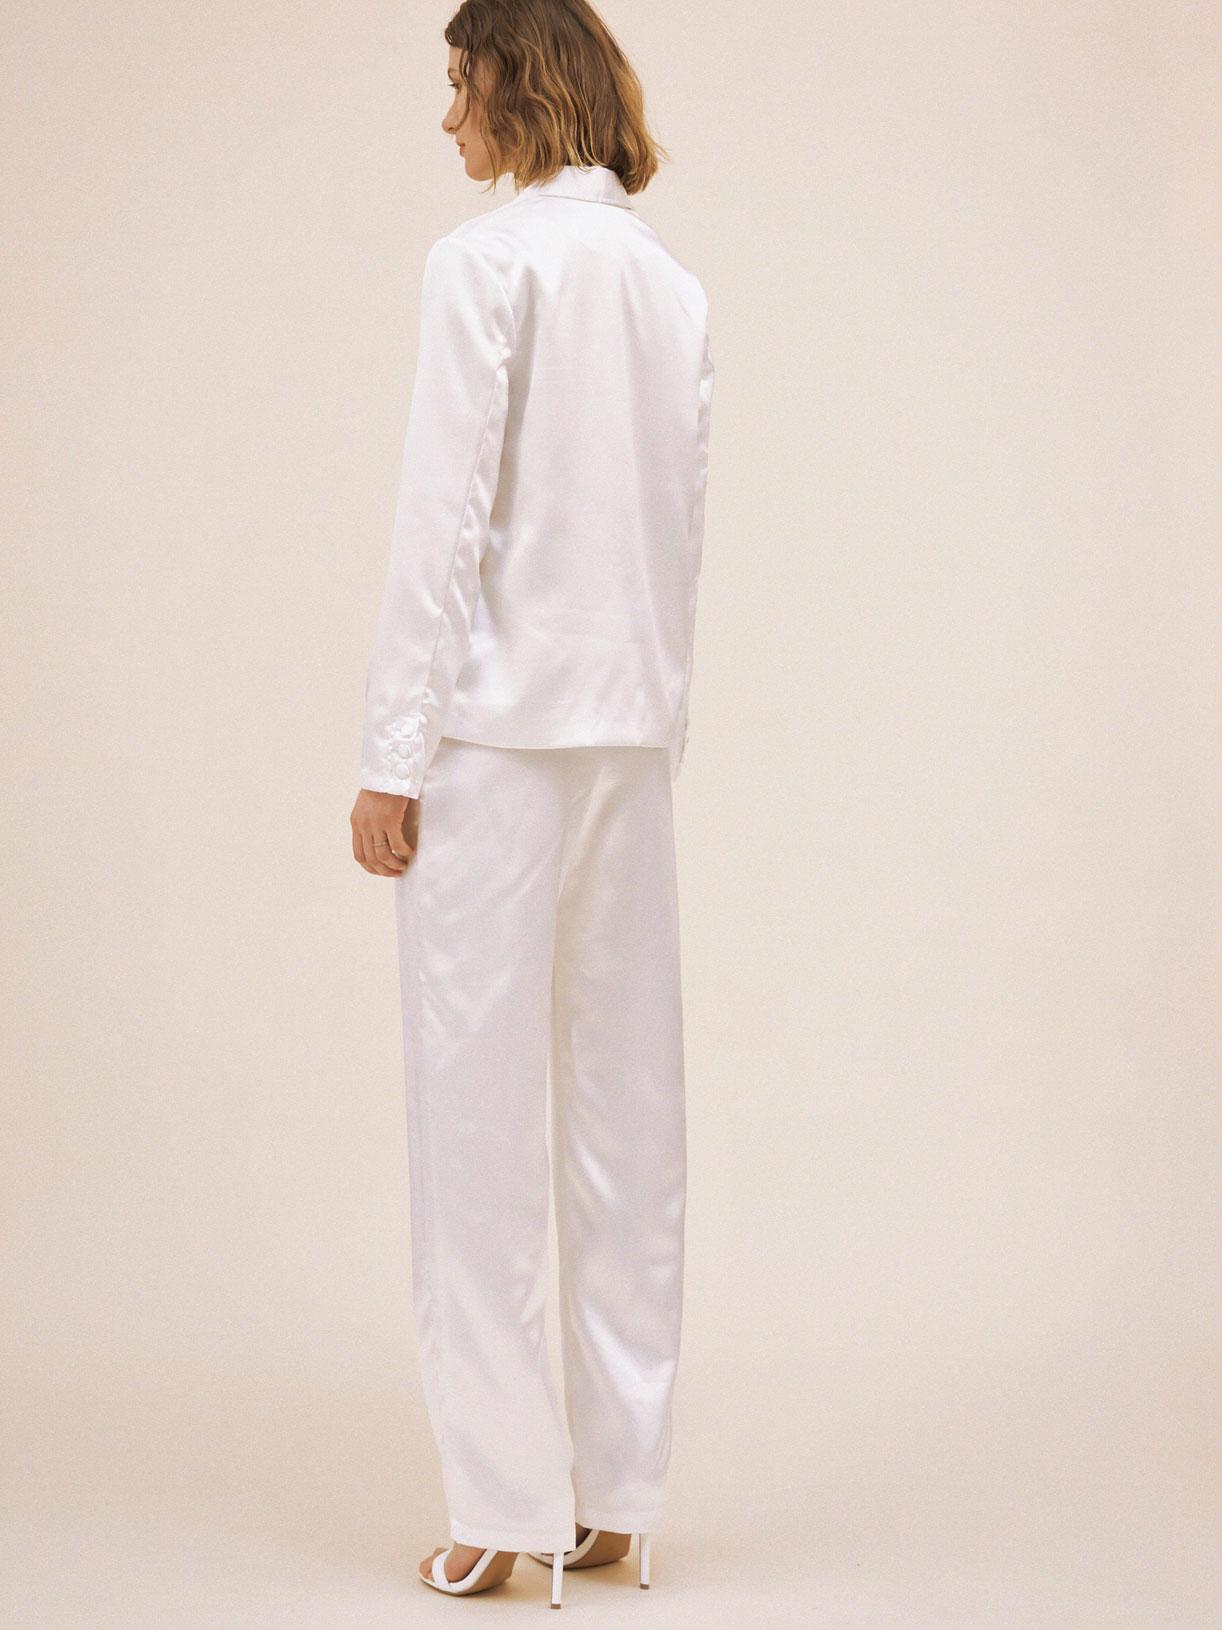 Pantalon tailleur de mariée blanc écoresponsable - Creatrice de robe de mariée éthique et bio a Paris - Myphilosophy